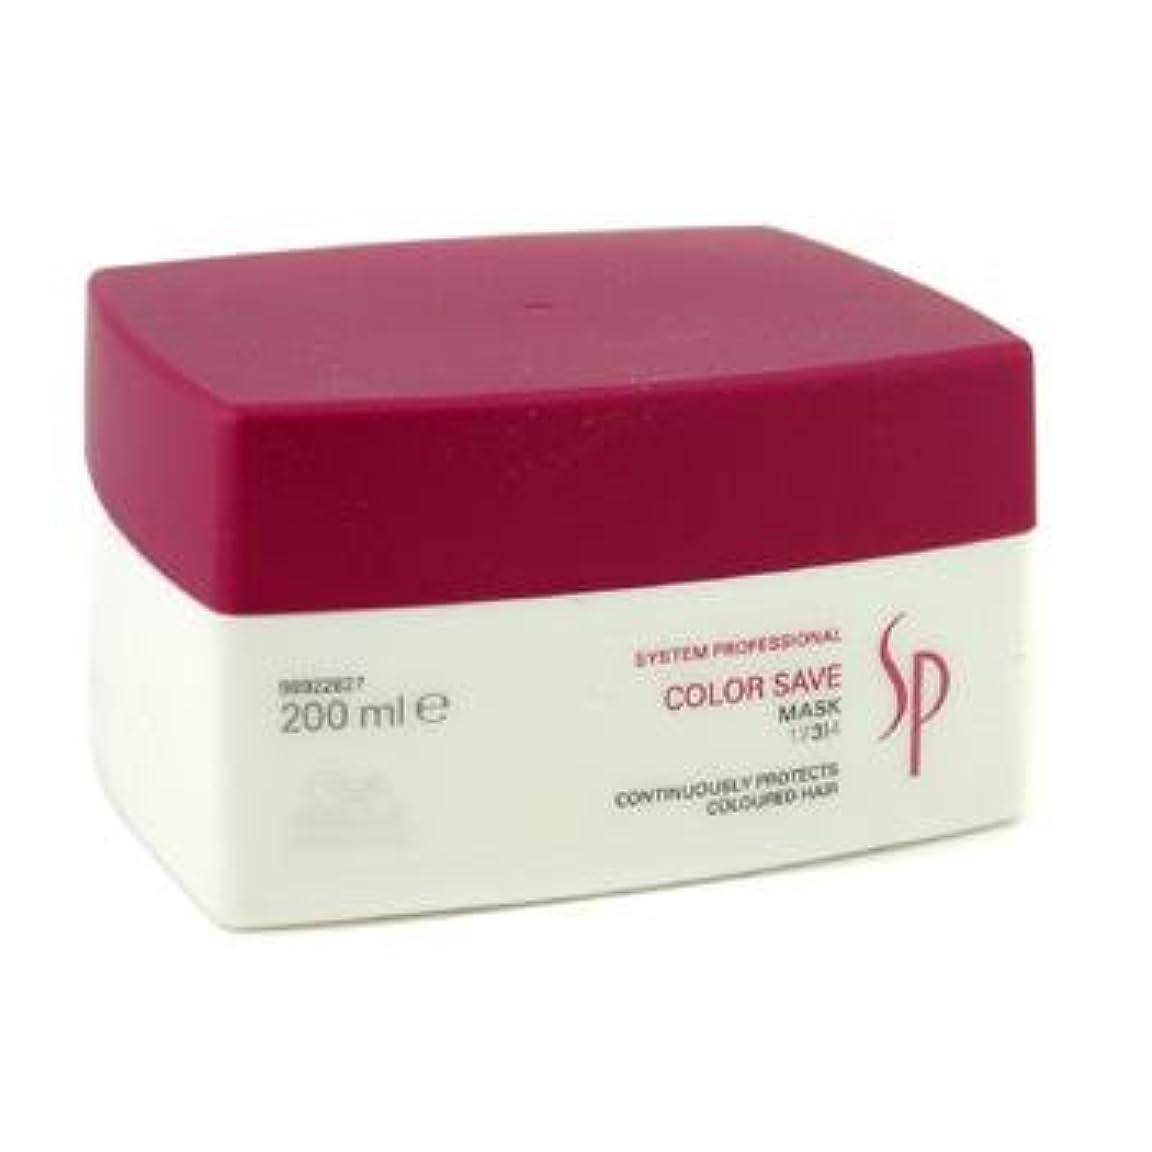 ディスパッチペレグリネーションうれしい[Wella] SP Color Save Mask ( For Coloured Hair ) 200ml/6.67oz[並行輸入品] [並行輸入品]